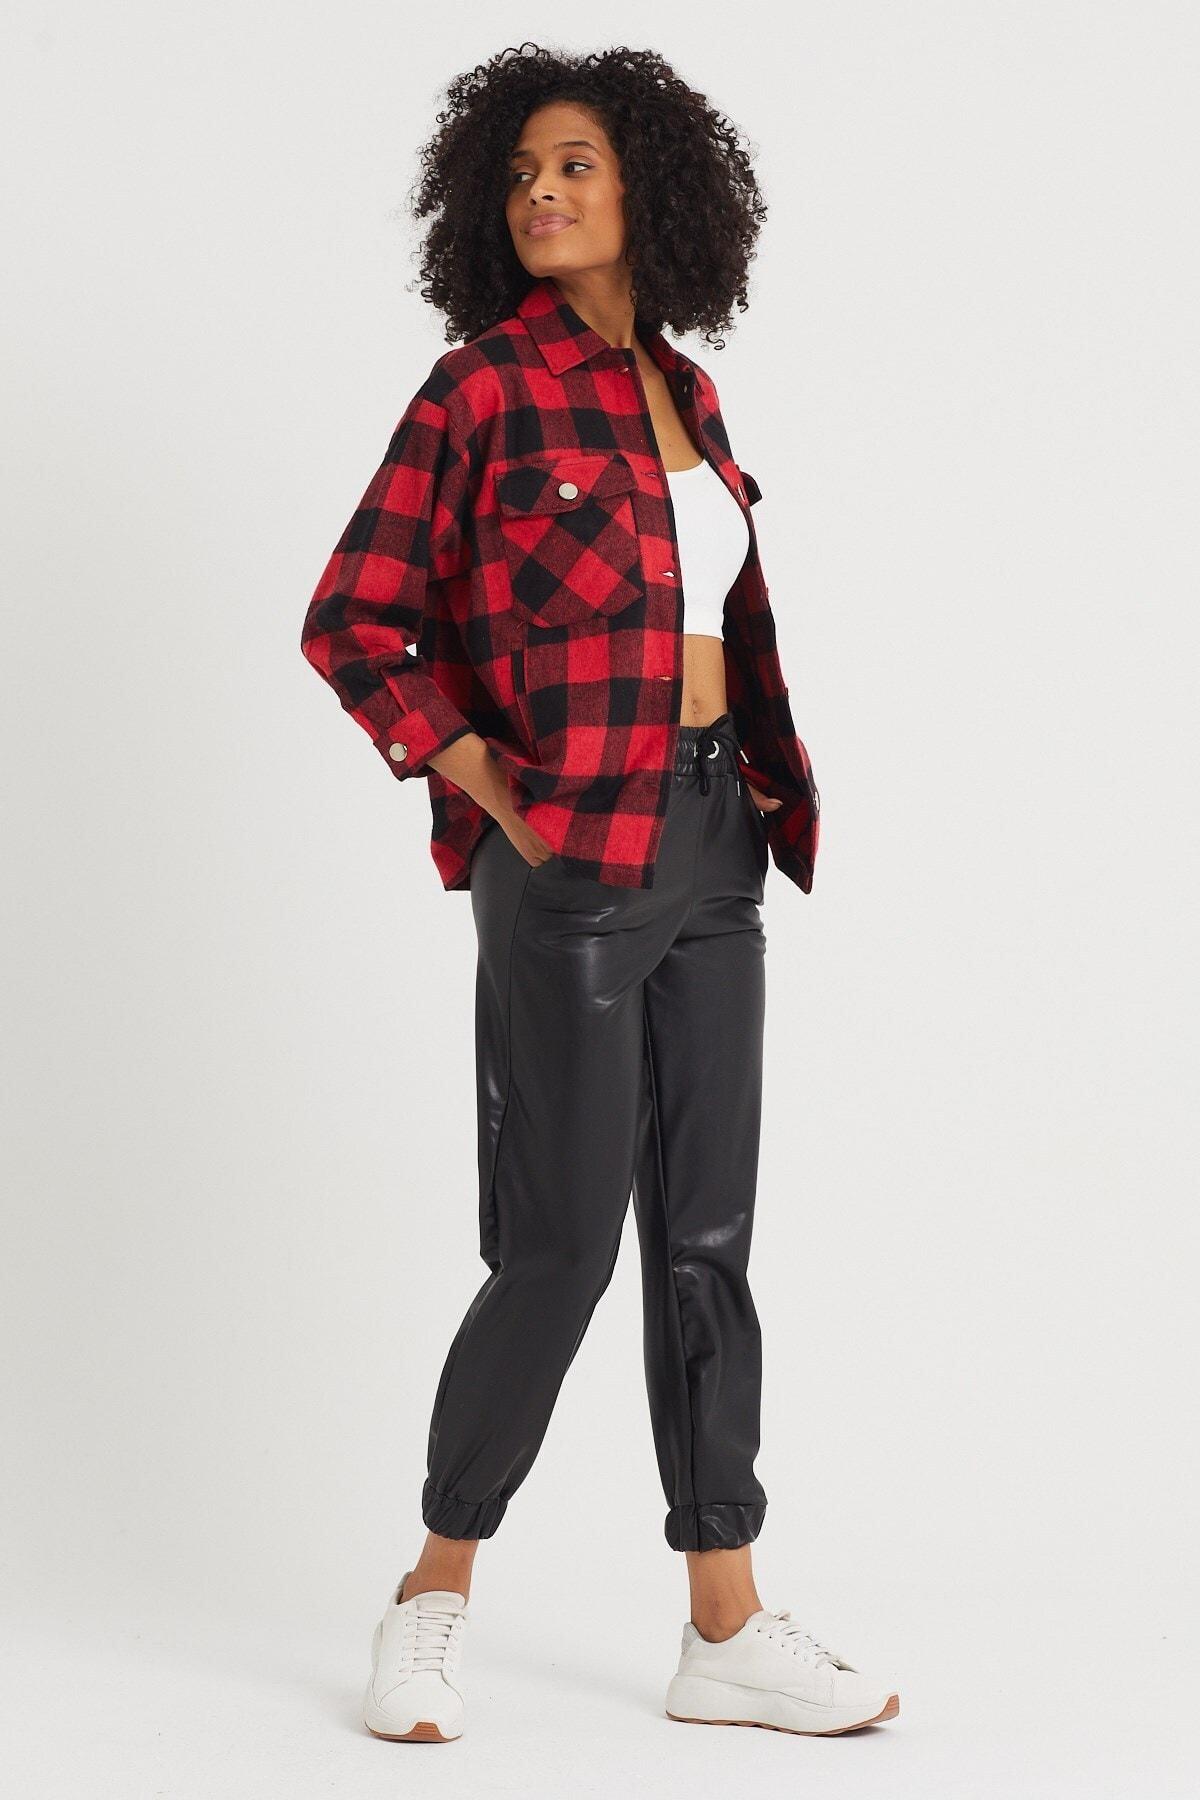 4Sisters Fashion Yandan Cep Detaylı Kırmızı Siyah Ekoseli Oduncu Ceket Gömlek 2